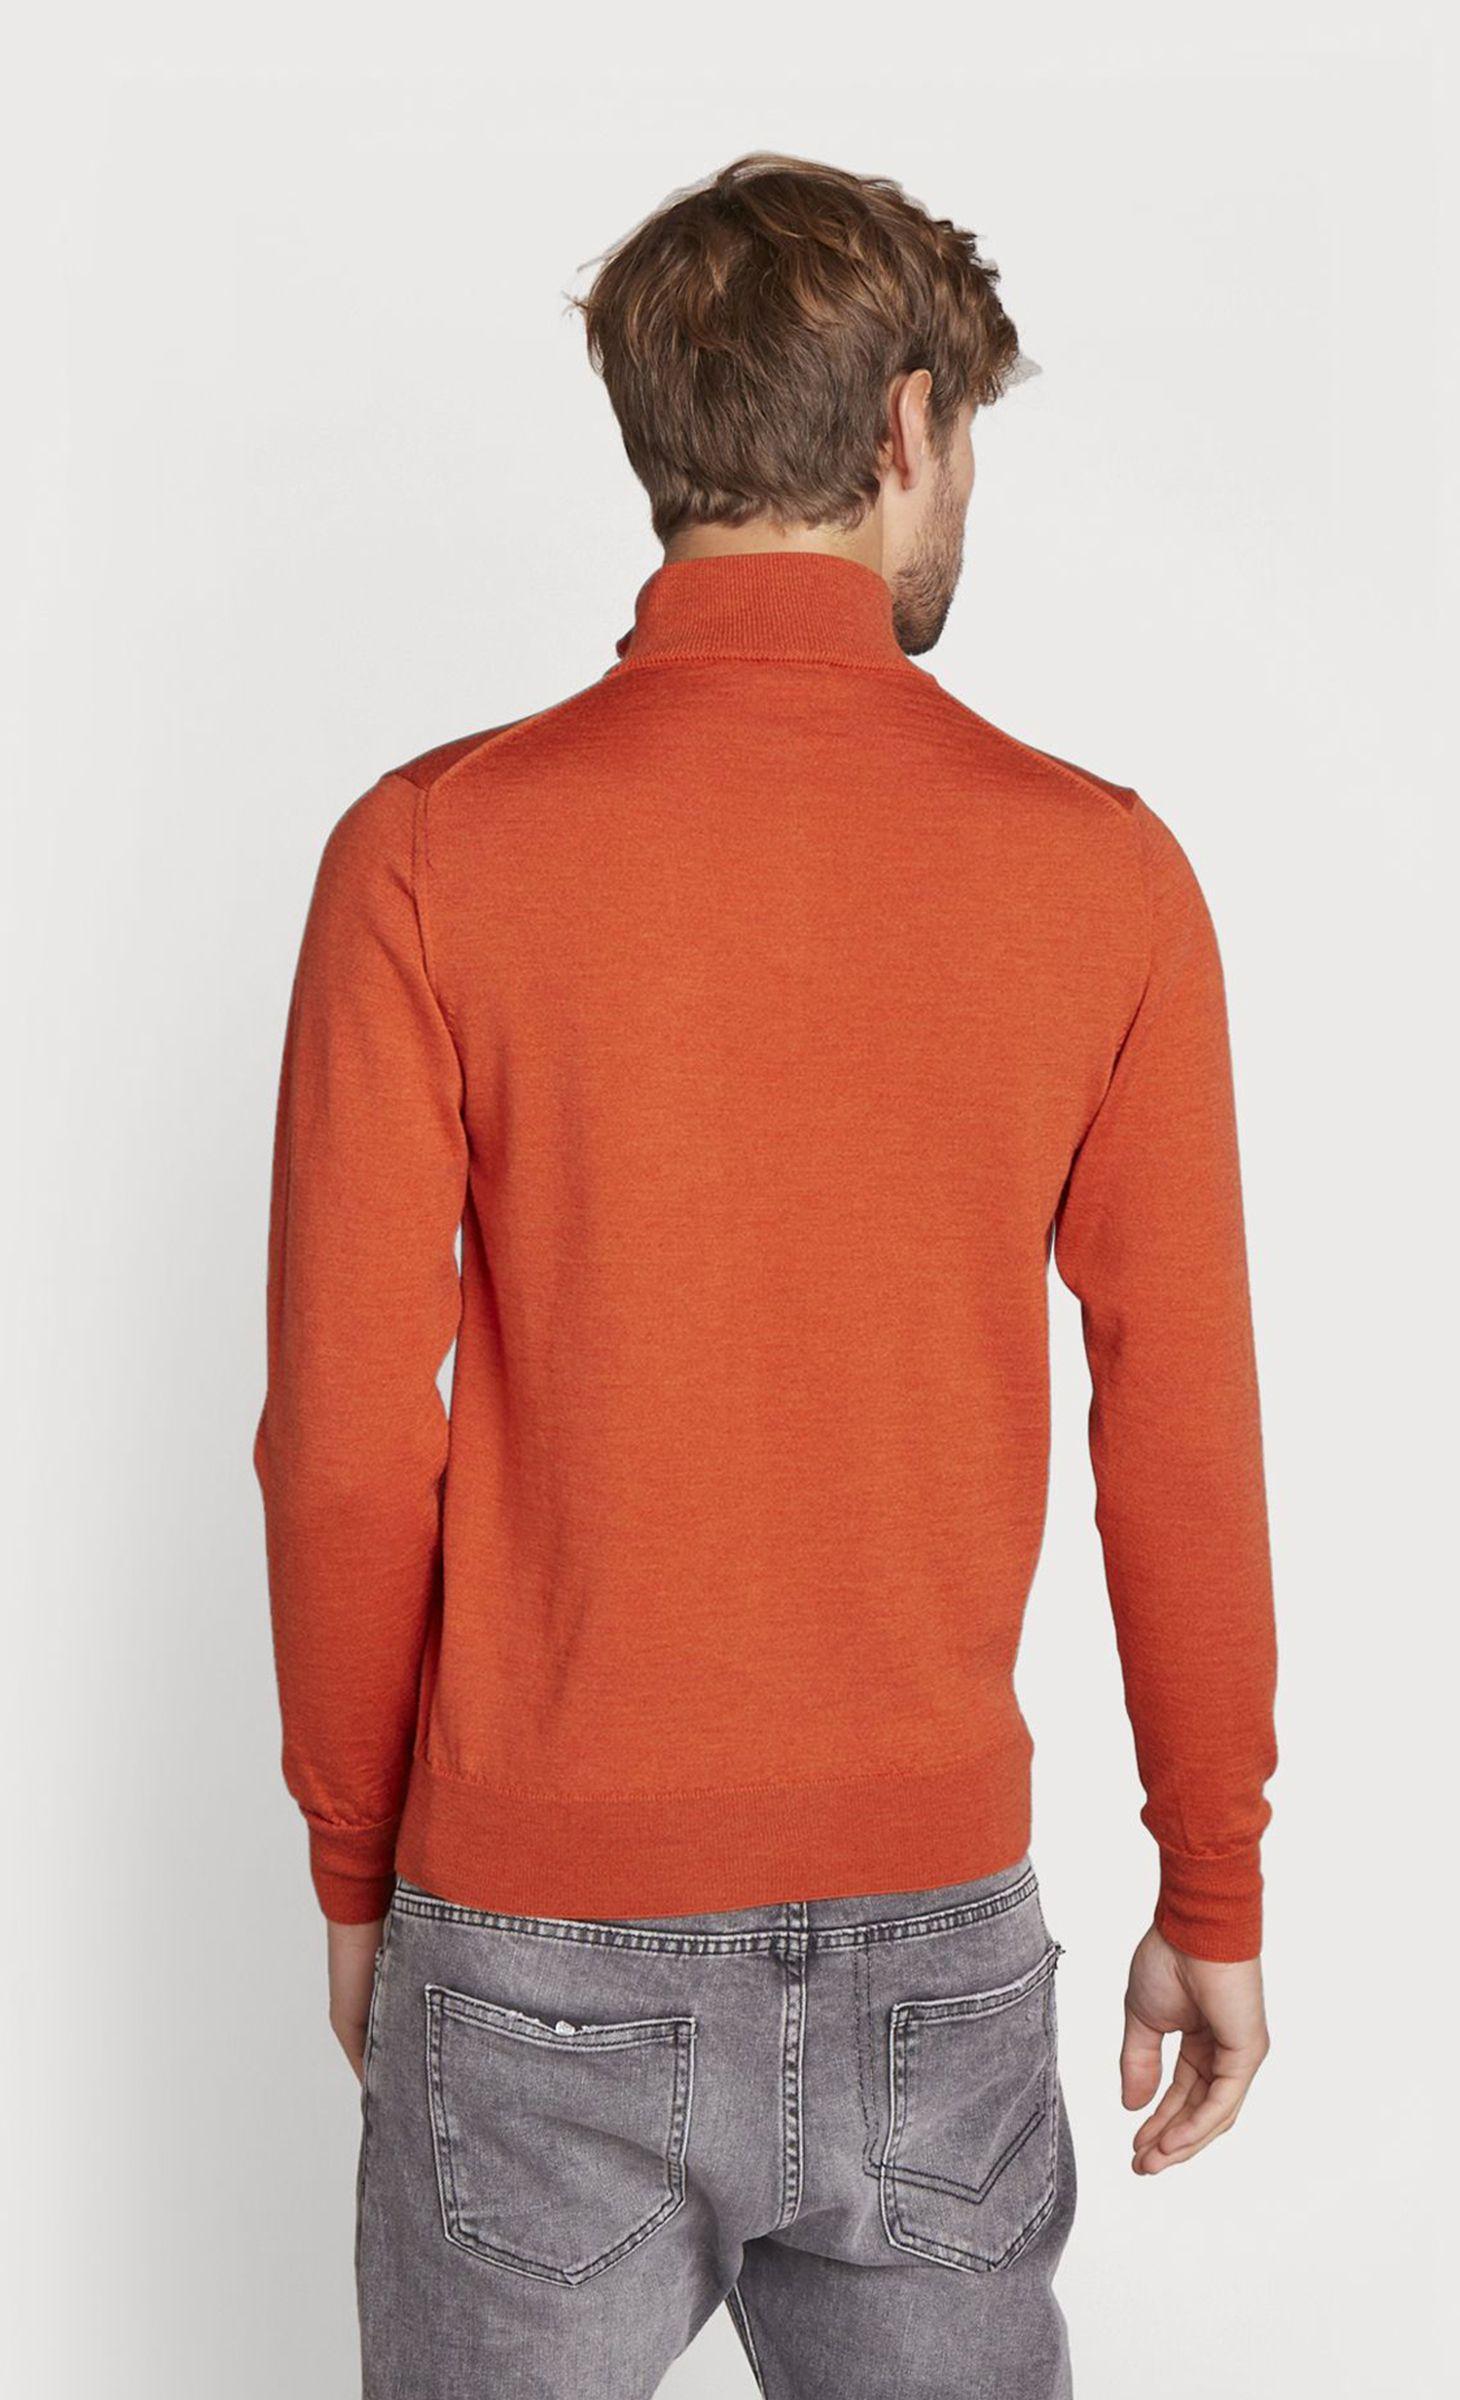 gamme complète d'articles mode designer Acheter Authentic Pull col montant zippé en laine mérinos orange